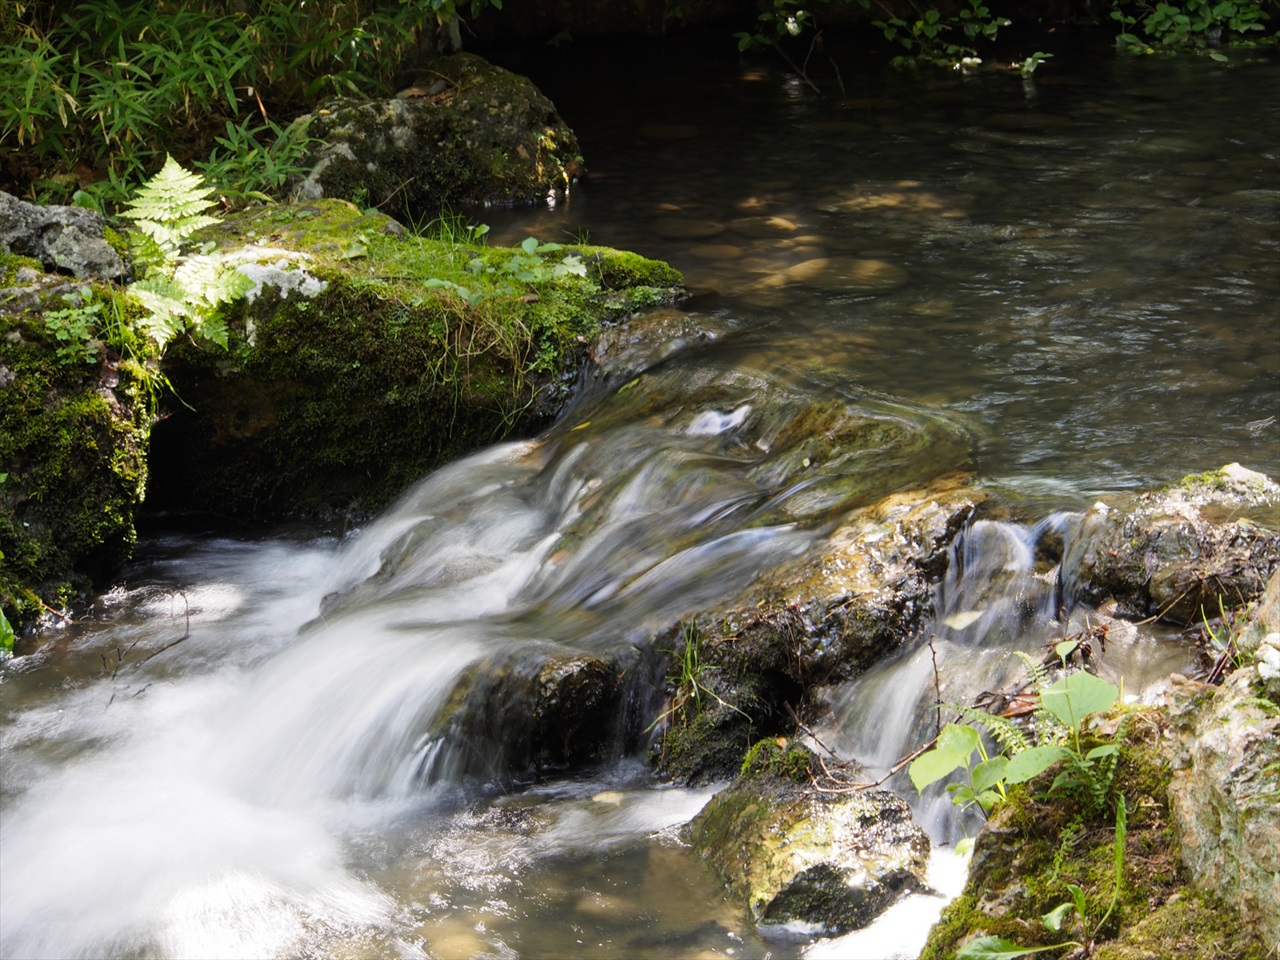 日本庭園の池の流水